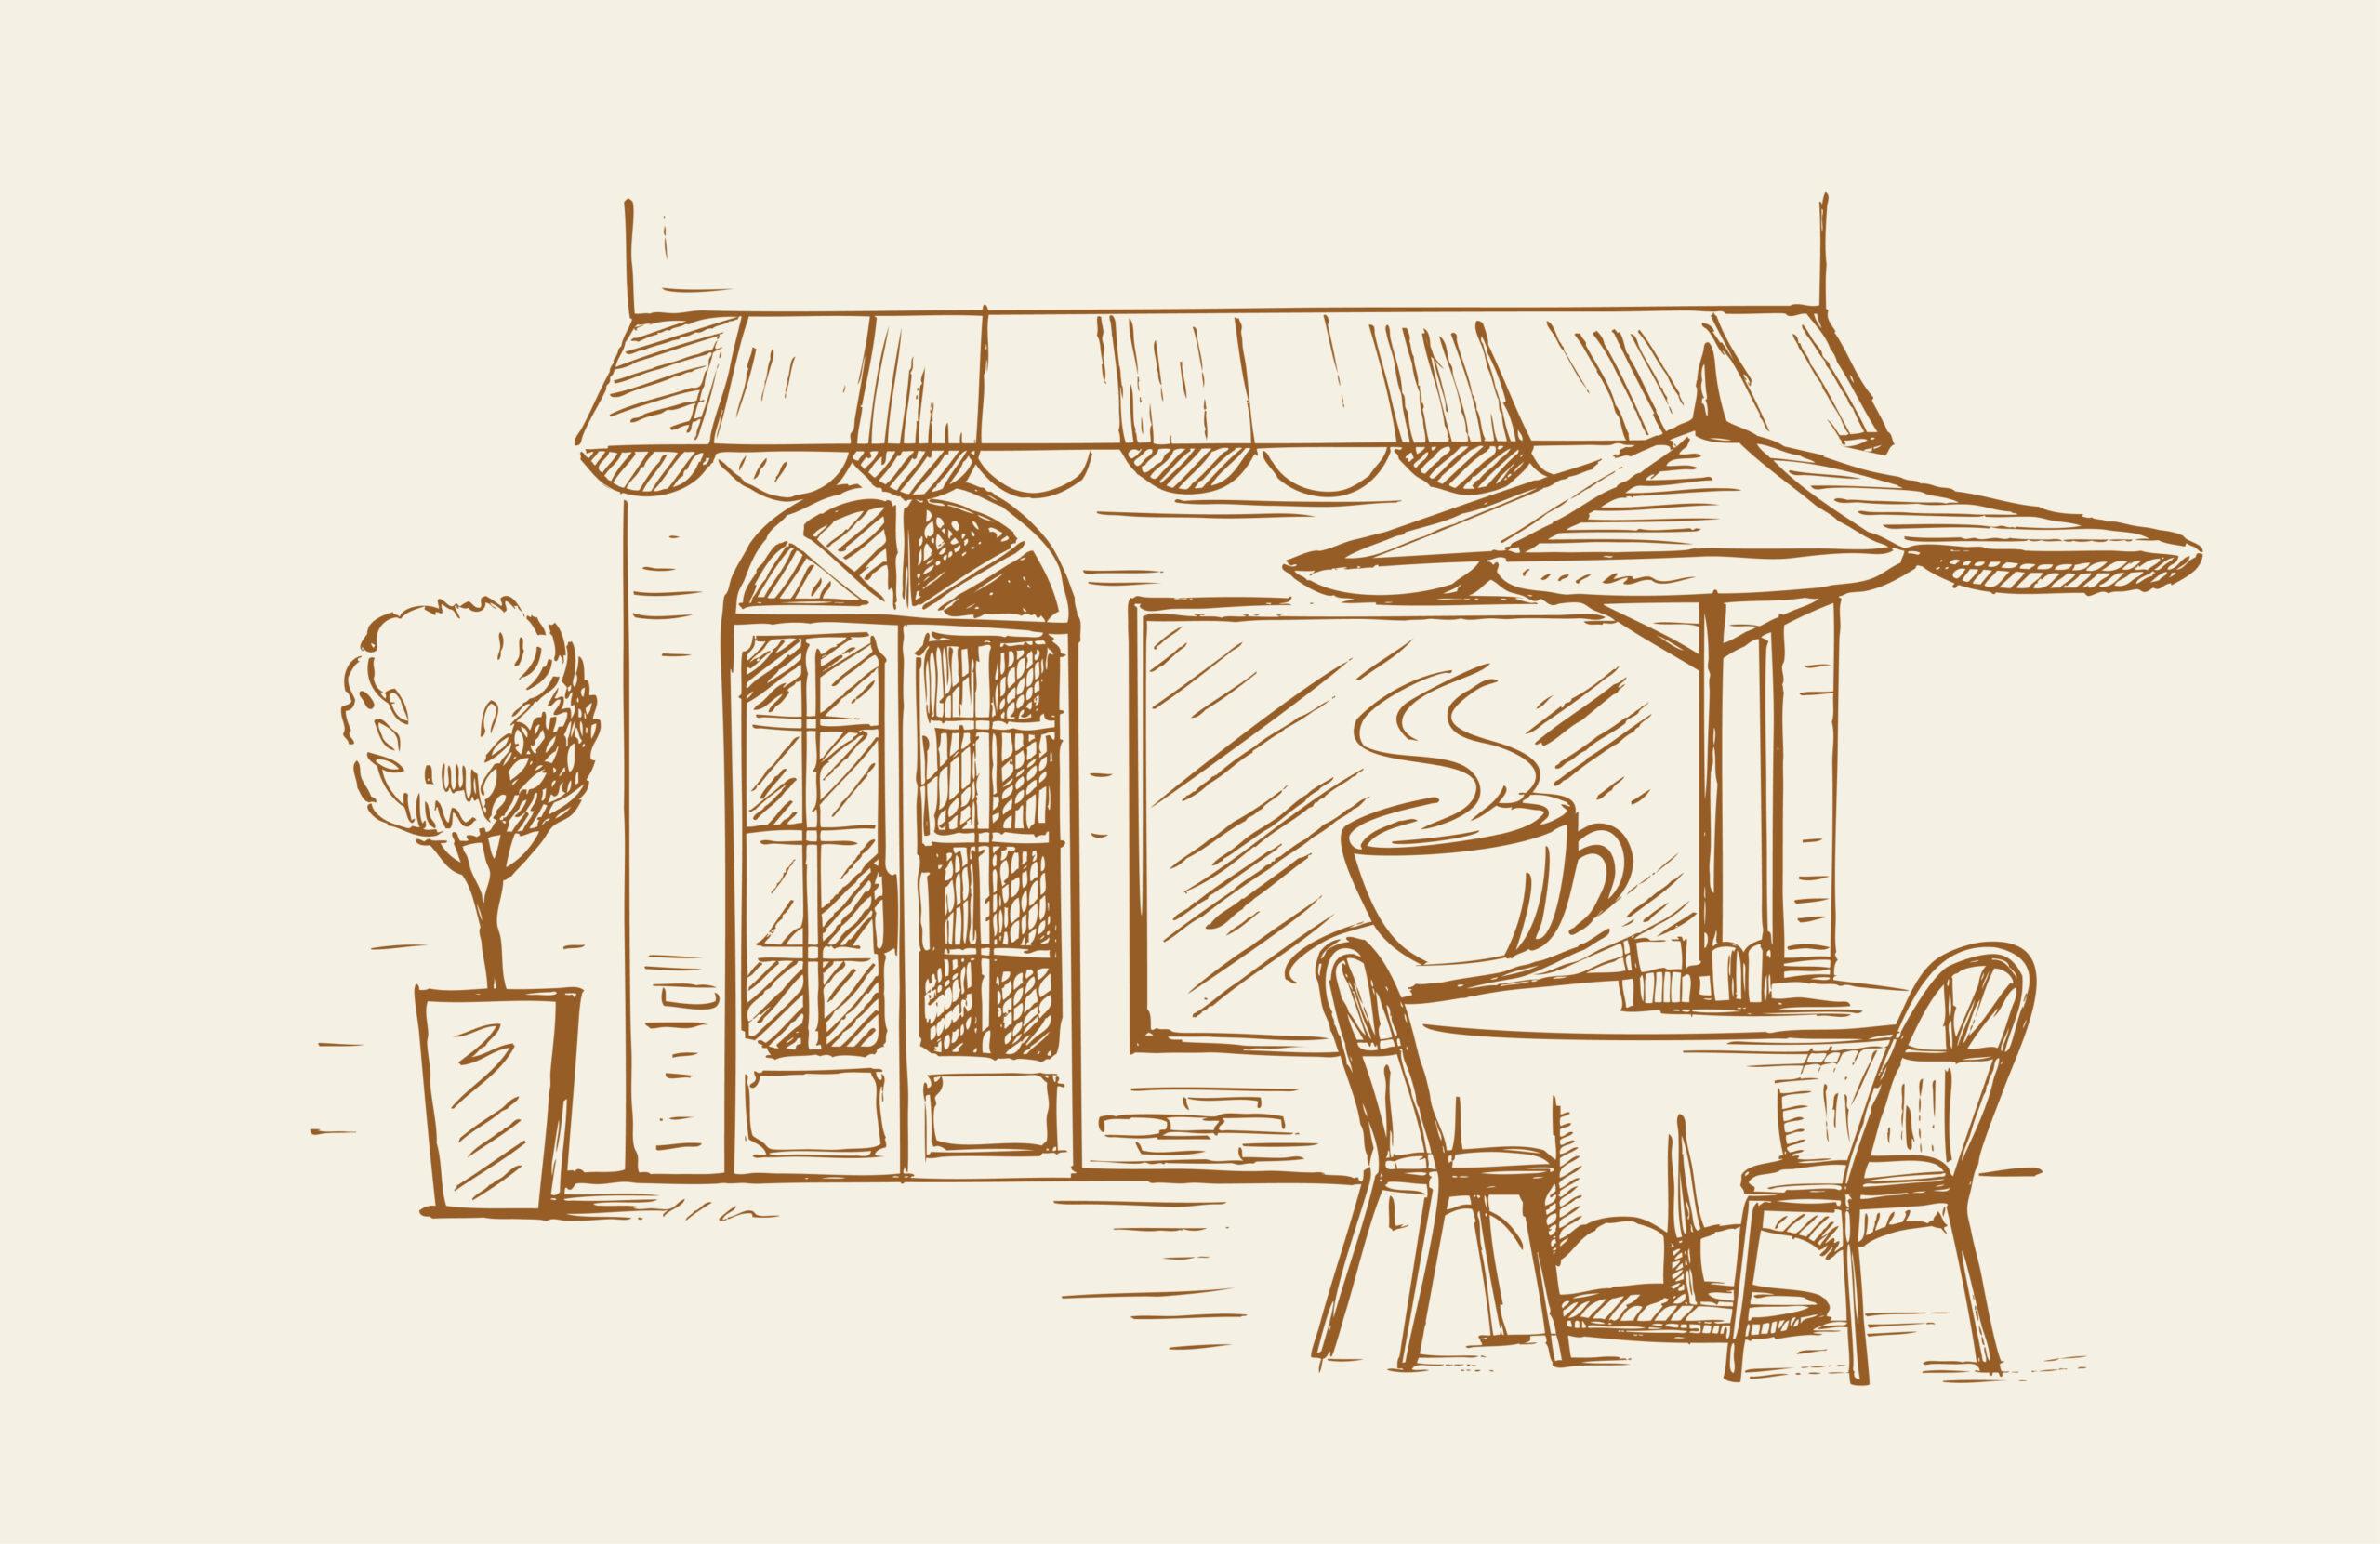 カフェでのメニュー選びのように